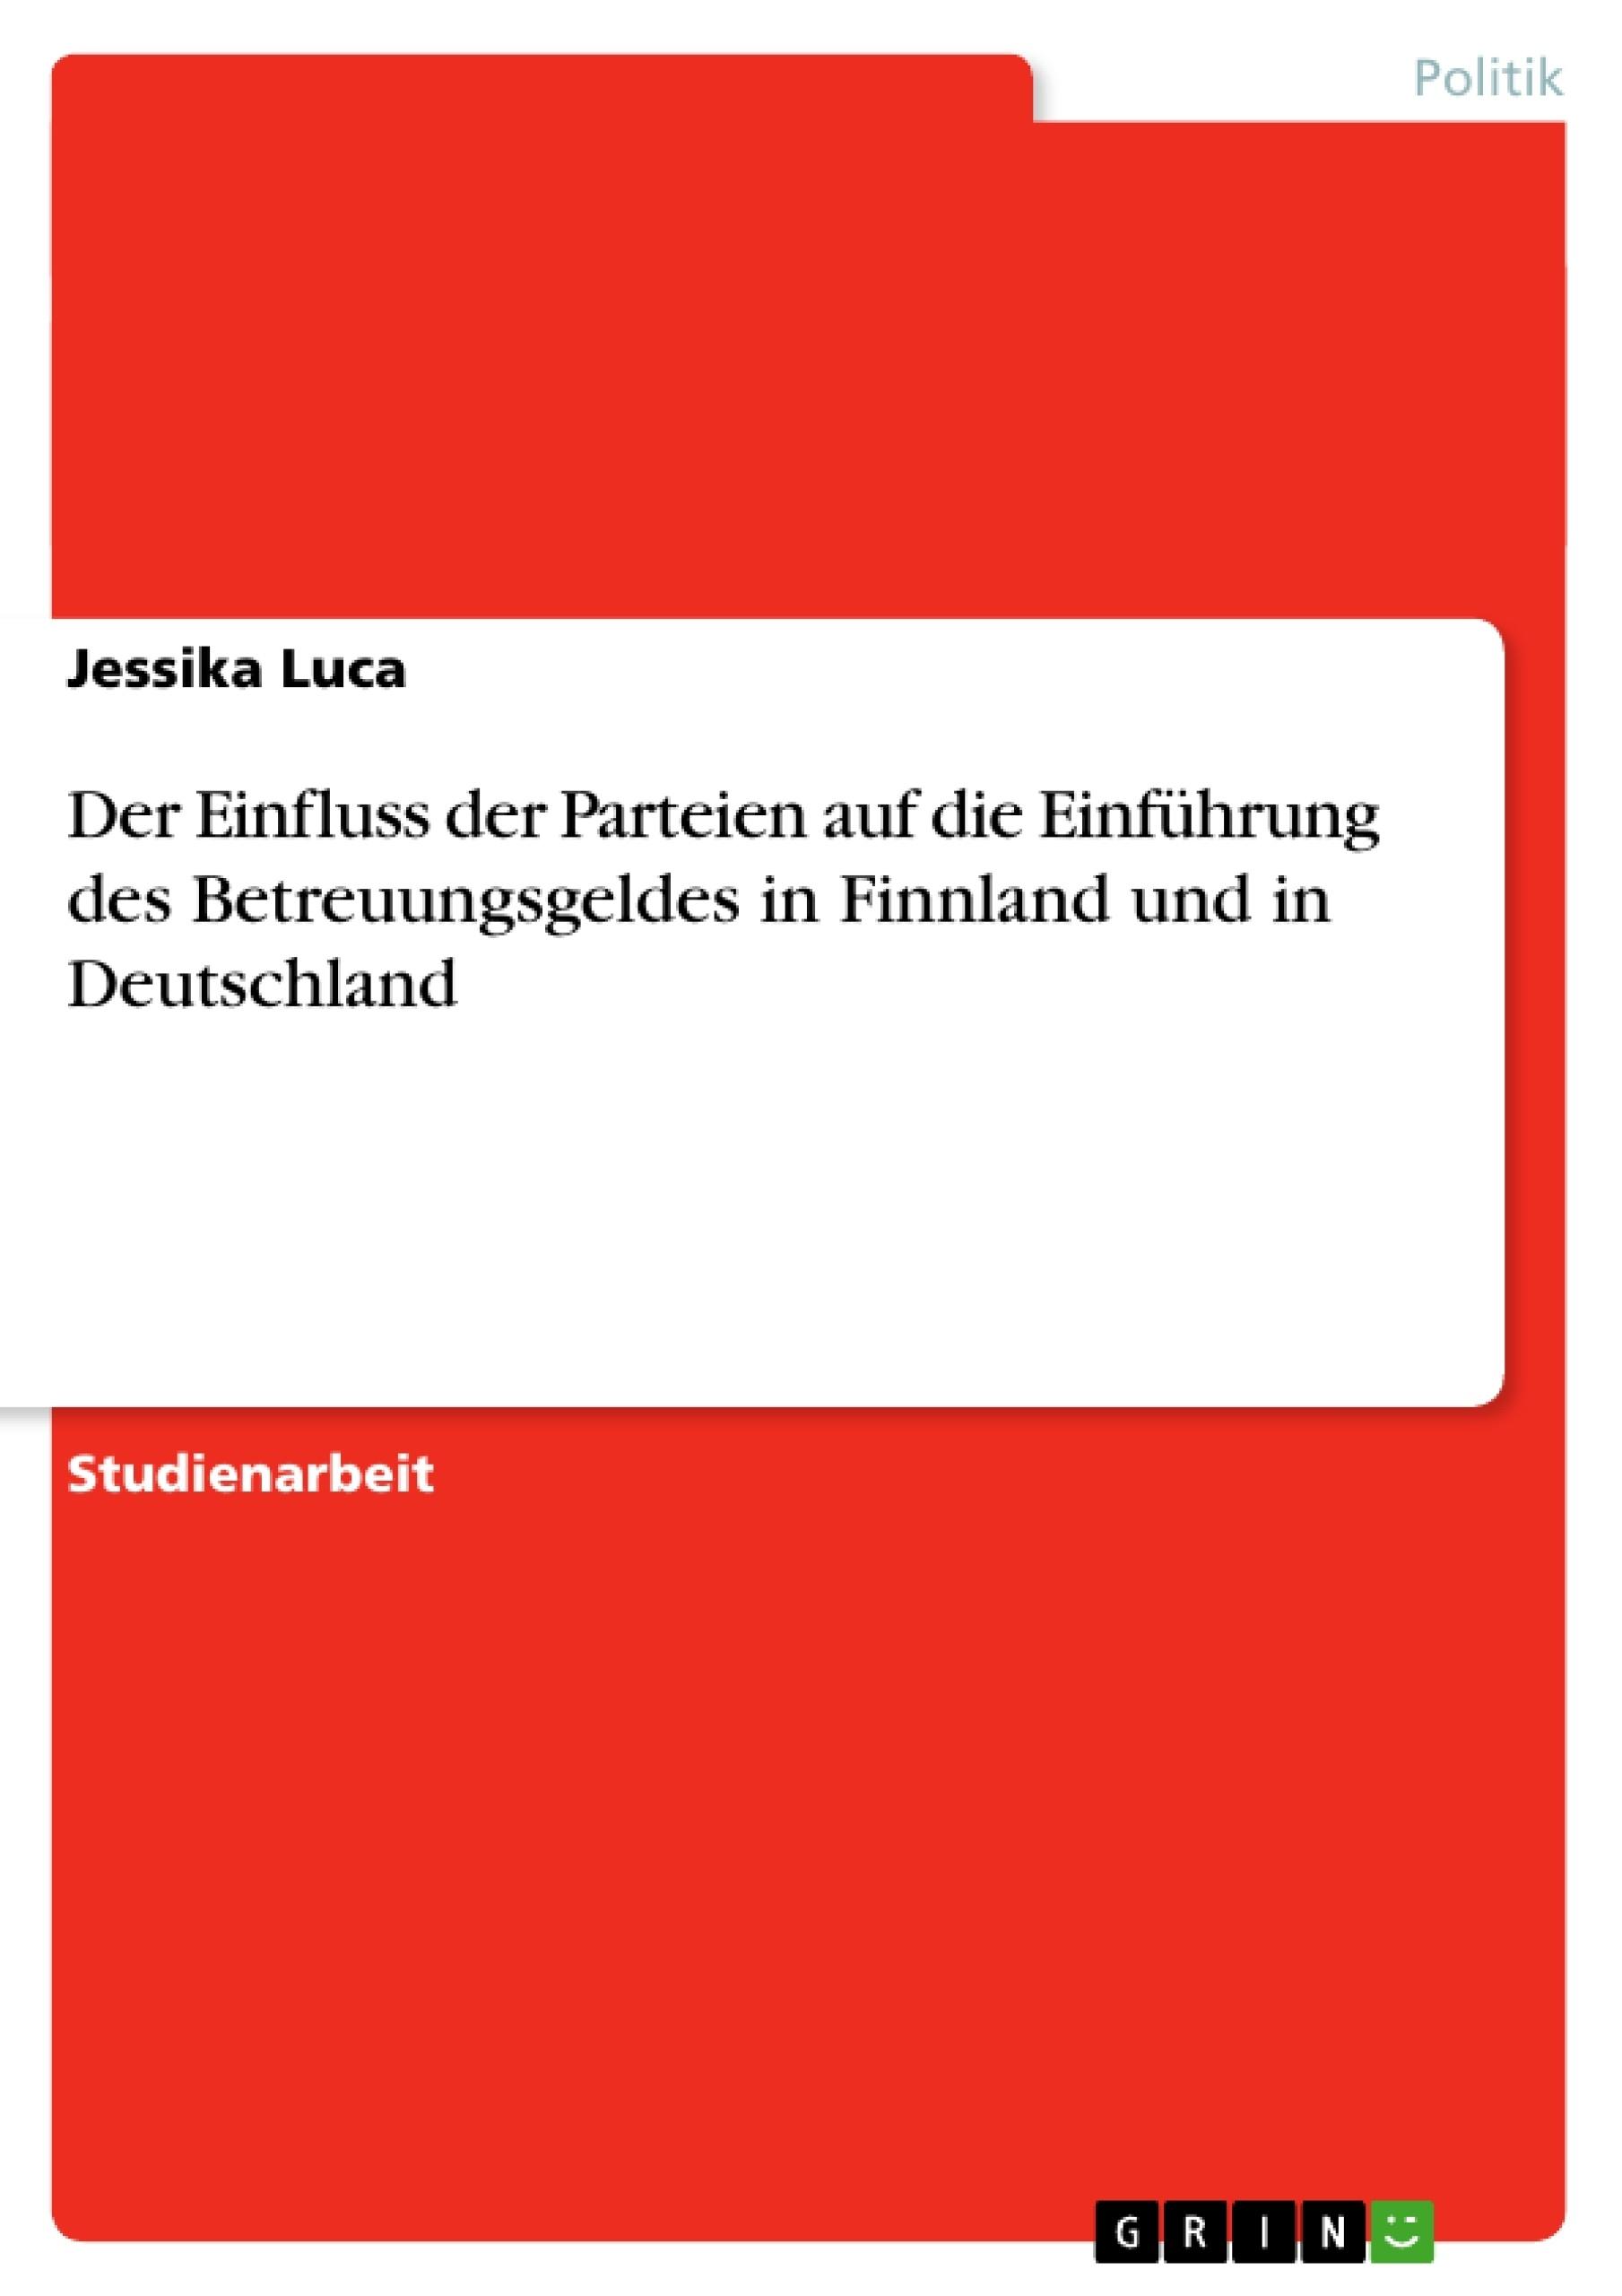 Titel: Der Einfluss der Parteien auf die Einführung des Betreuungsgeldes in Finnland und in Deutschland